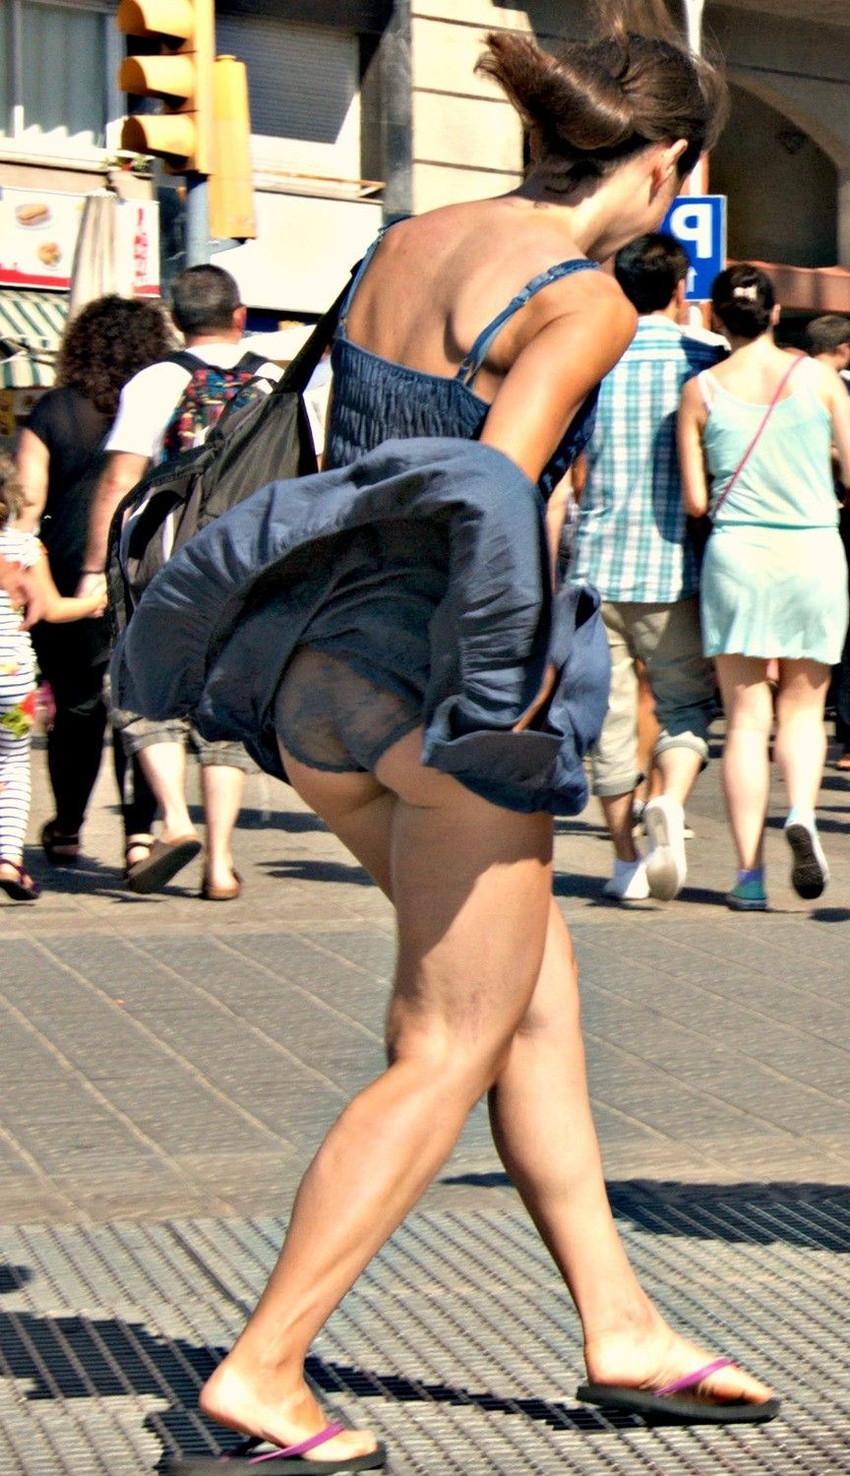 【海外パンチラエロ画像】海外女性たちの股間を狙った海外パンチラエロ画像 21